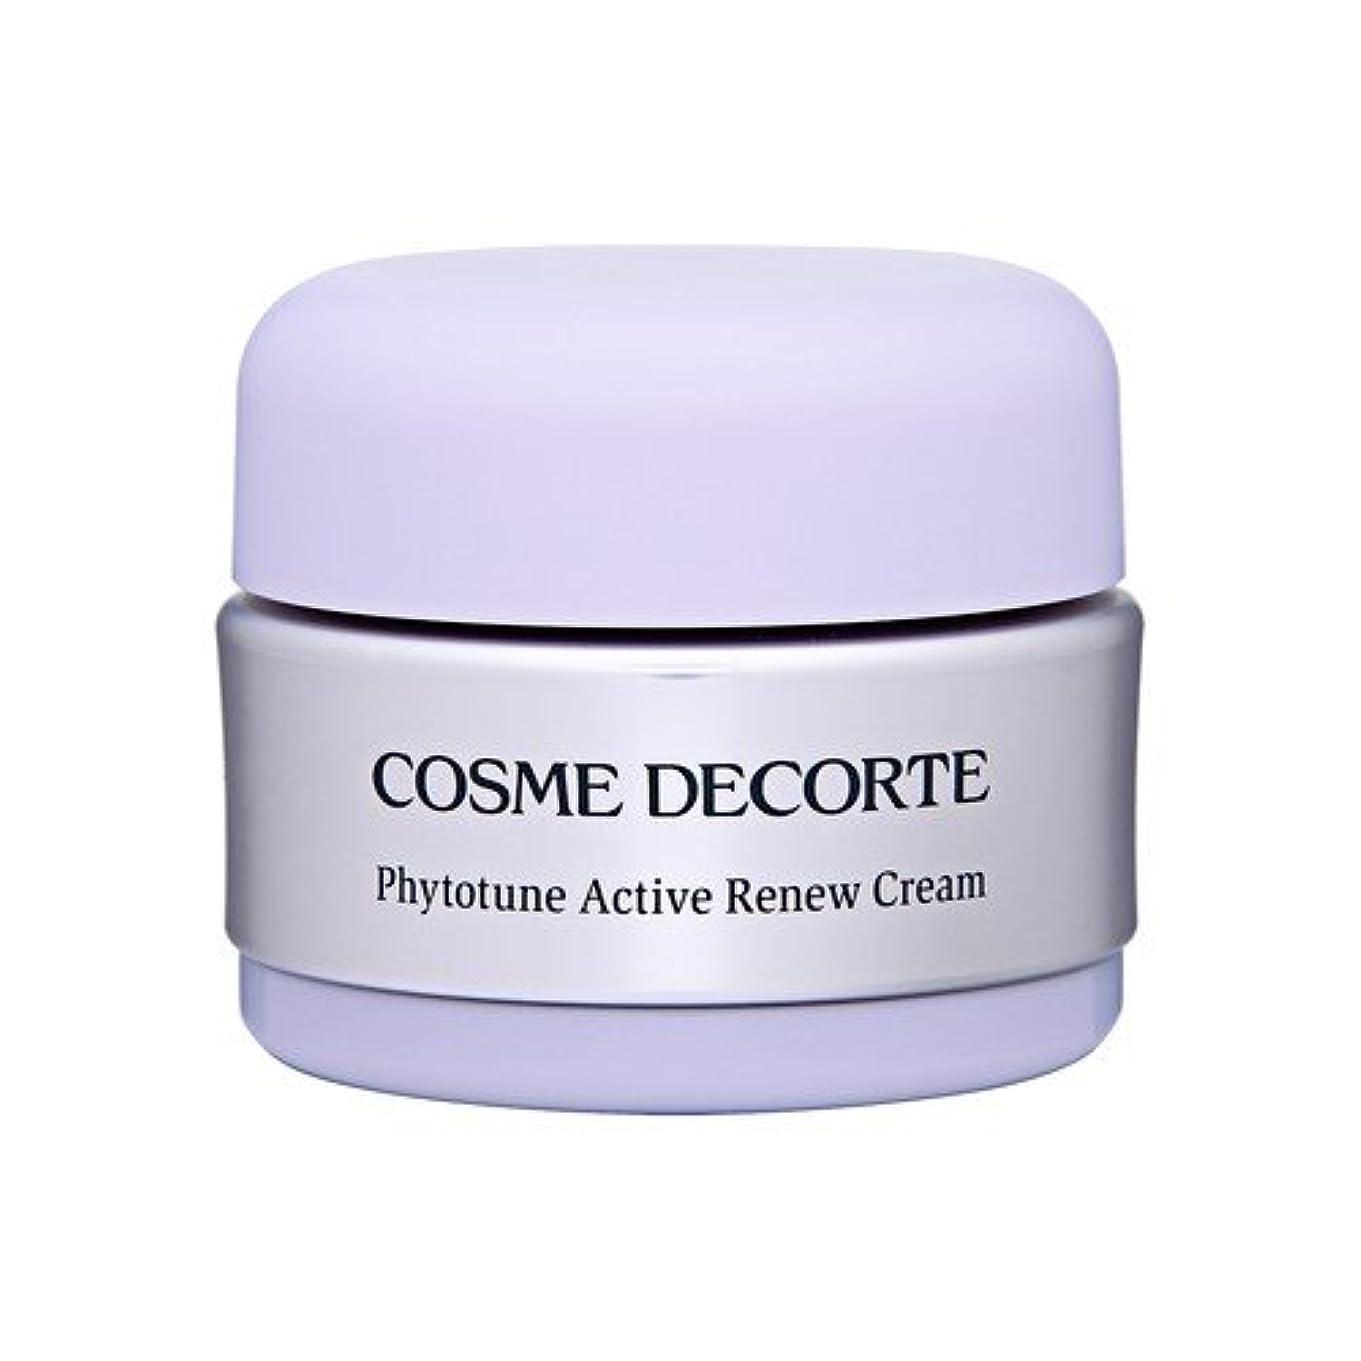 レバーブロック形容詞コスメ デコルテ(COSME DECORTE) フィトチューンアクティブリニュークリーム 30g [364491][並行輸入品]